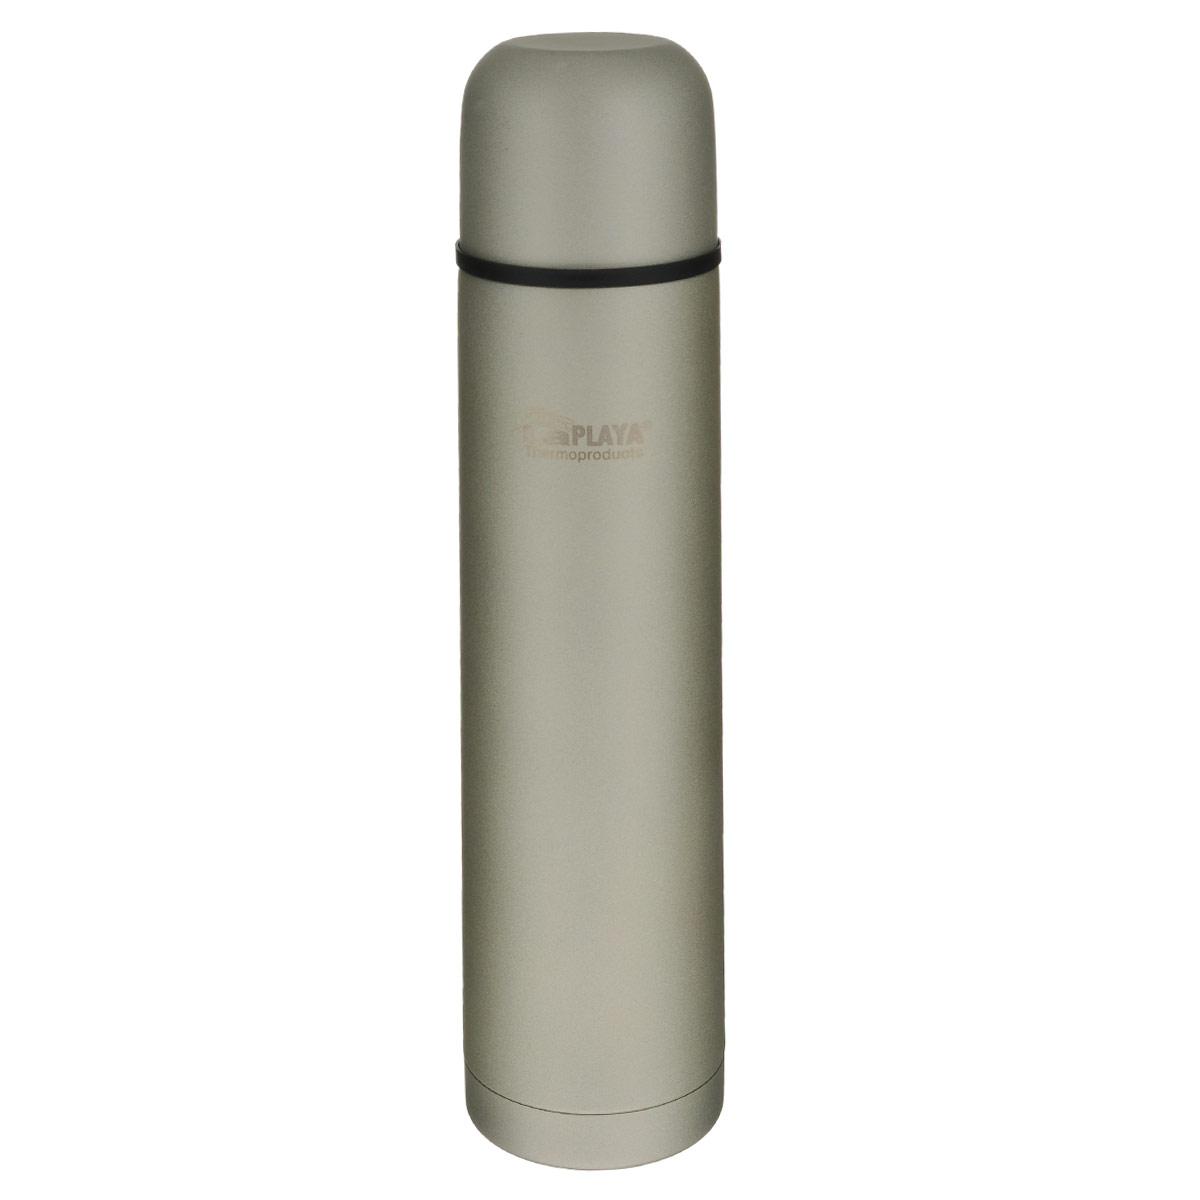 """Термос LaPlaya """"High Performance"""" изготовлен из нержавеющей стали 18/8 и пластика. В этом термосе применена система высококачественной вакуумной изоляции. Термос помогает сохранить температуру в течение 12 часов для горячих напитков и 24 часов для холодных. Особенностью термоса является наличие герметичной разборной пробки-стопора клапанного типа для удобного наливания напитков. Диаметр горлышка: 4,5 см.  Высота: 32 см."""